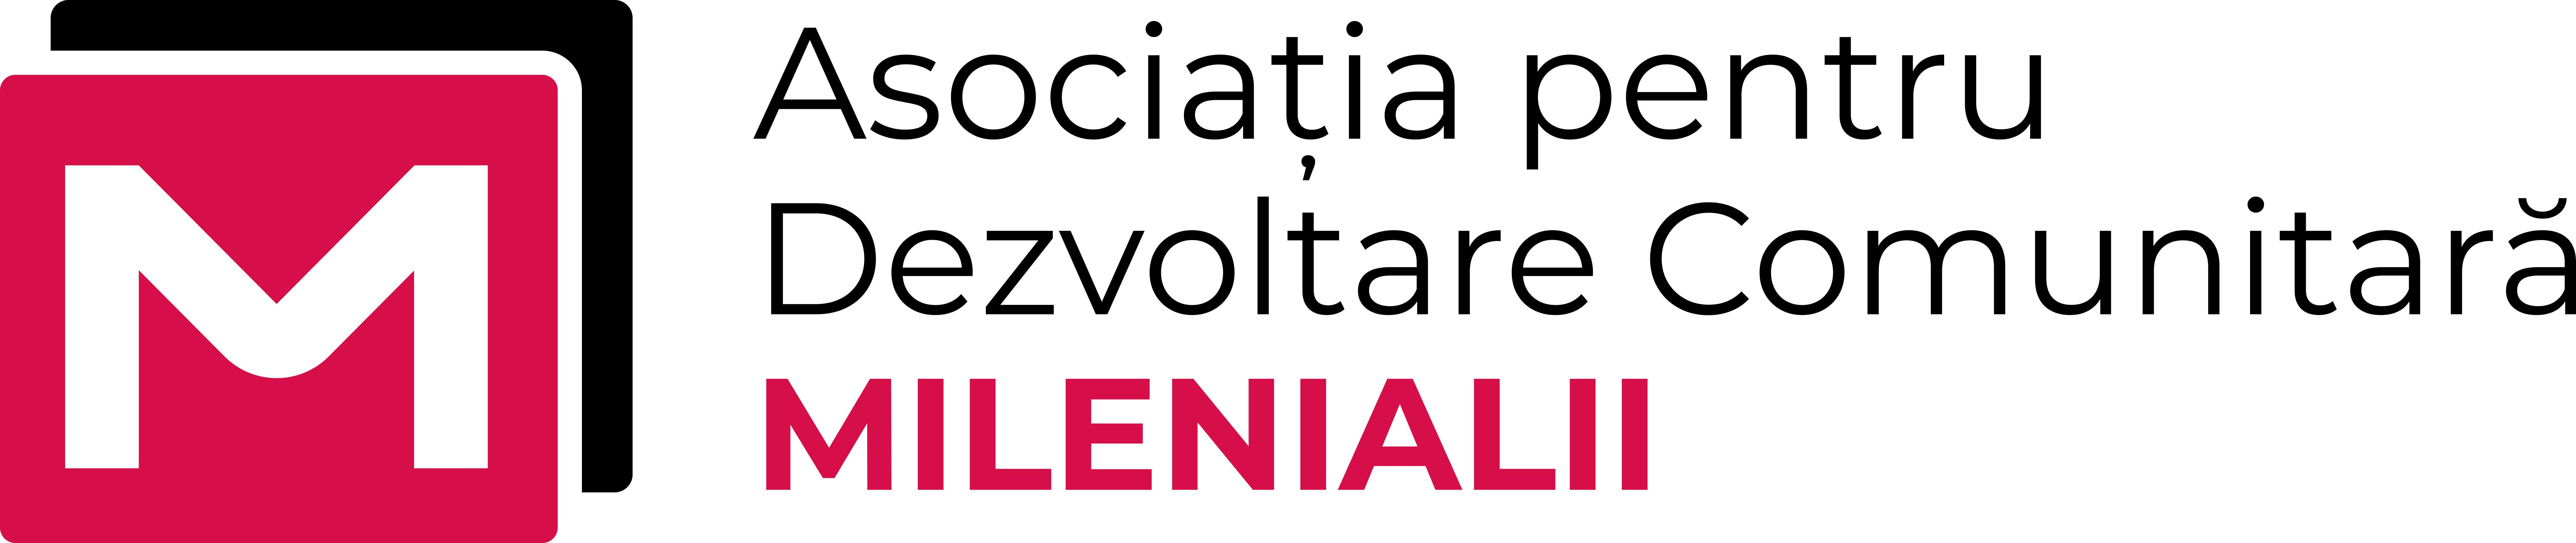 Asociația pentru Dezvoltare Comunitară MILENIALII logo